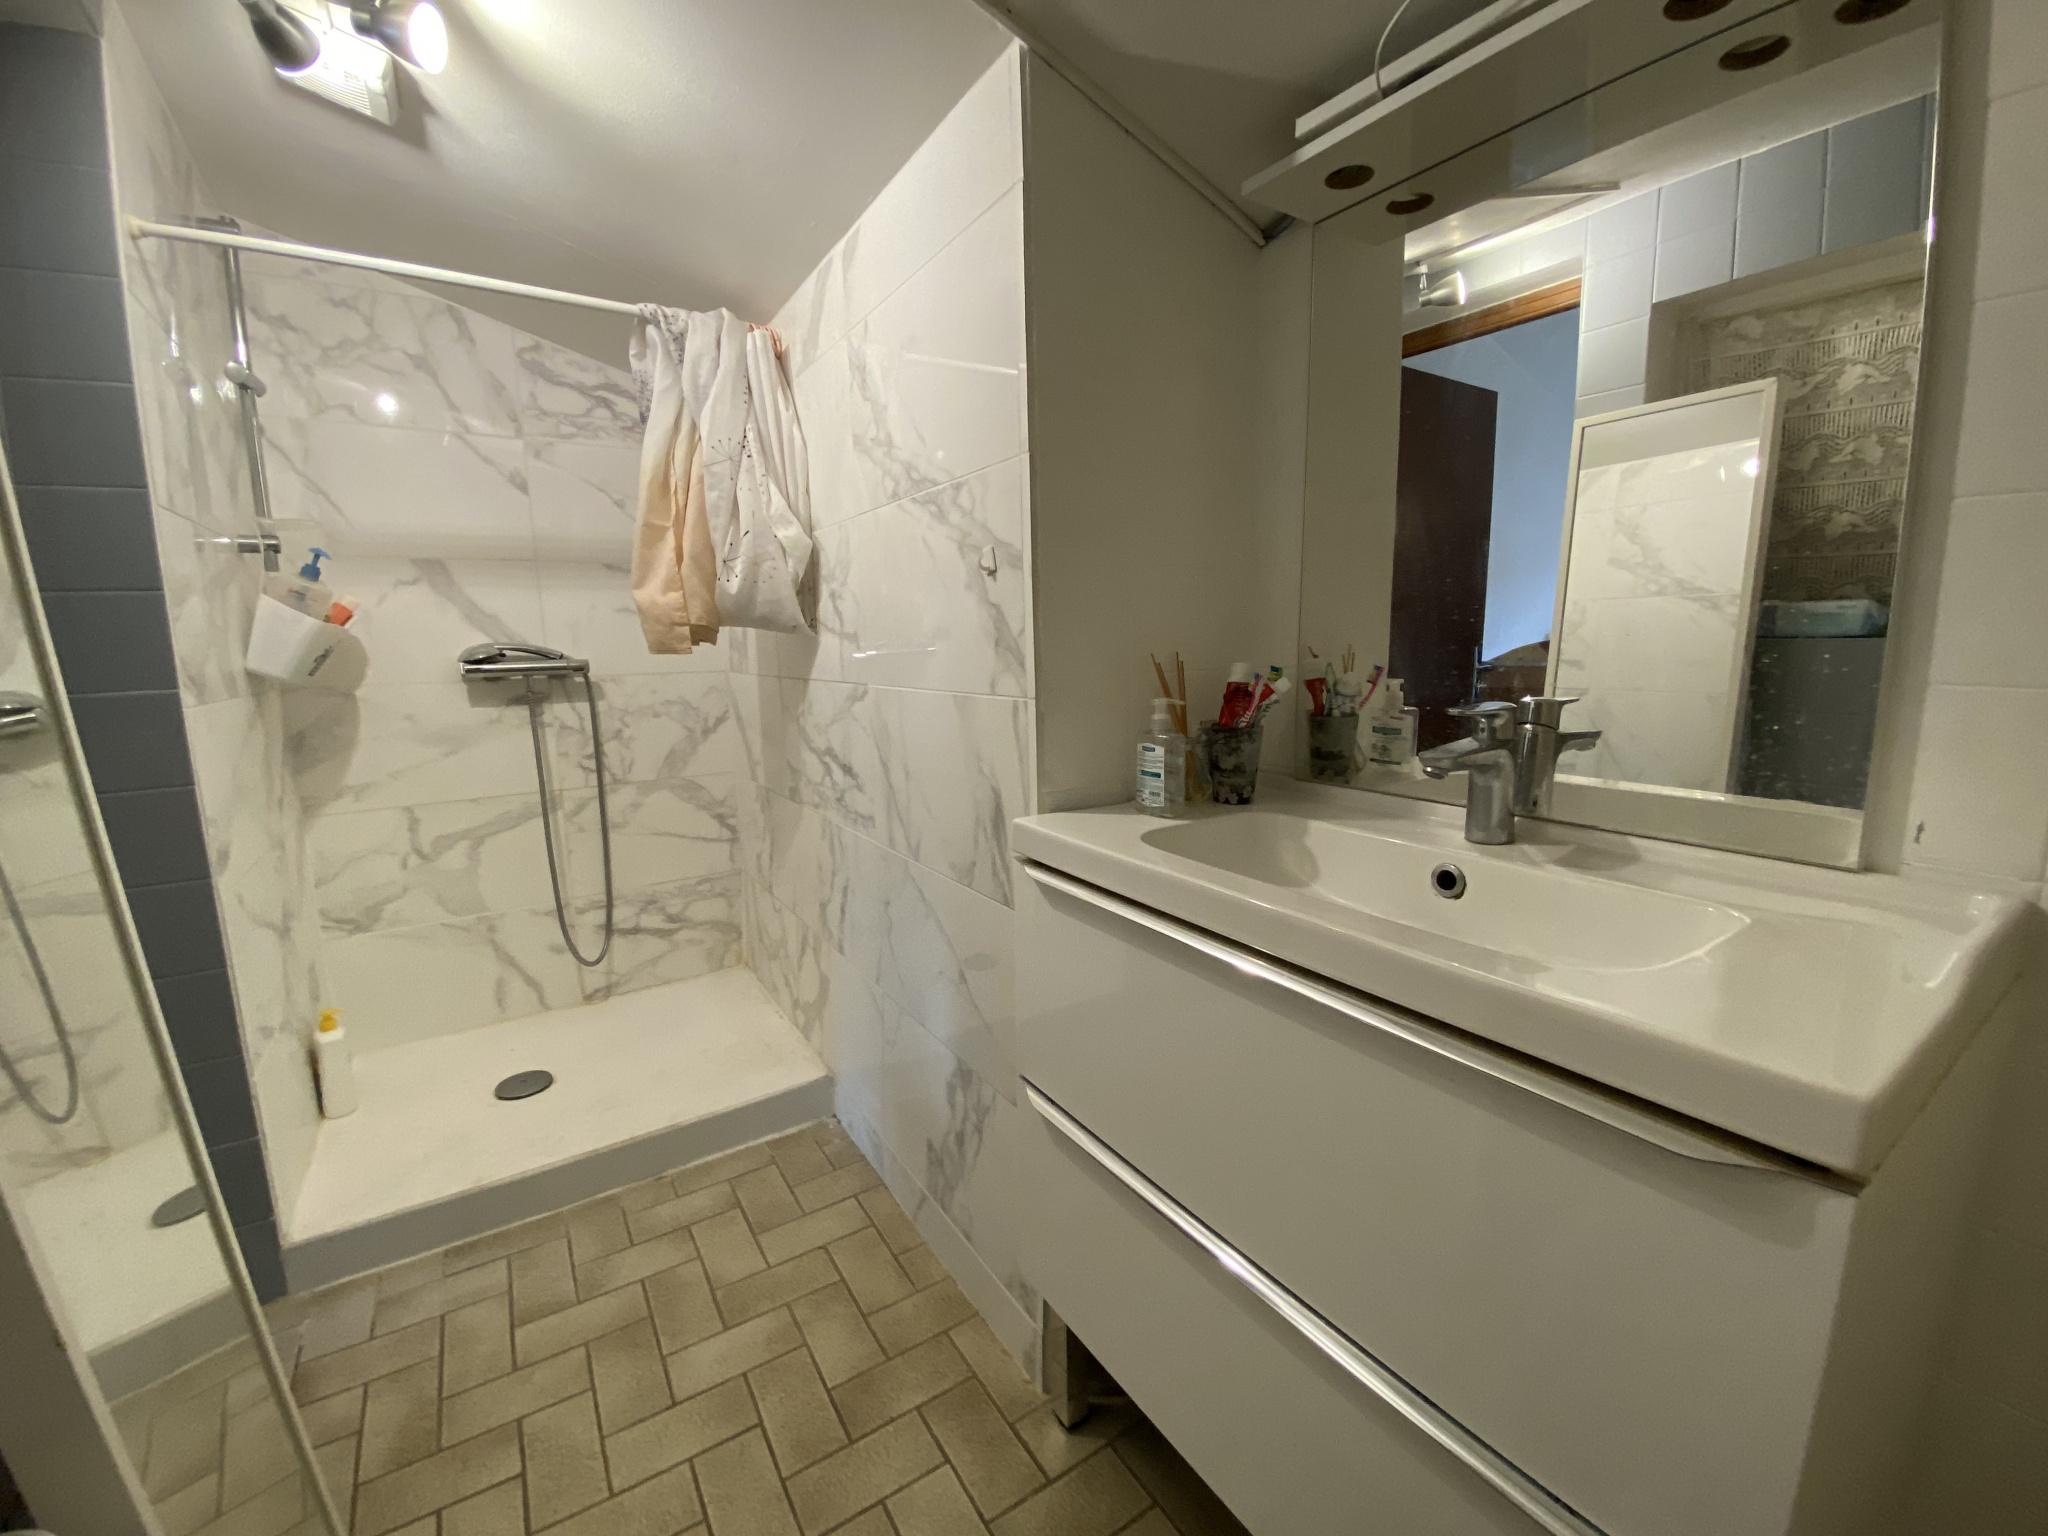 À vendre maison/villa de 90m2 à st genis des fontaines (66740) - Photo 17'